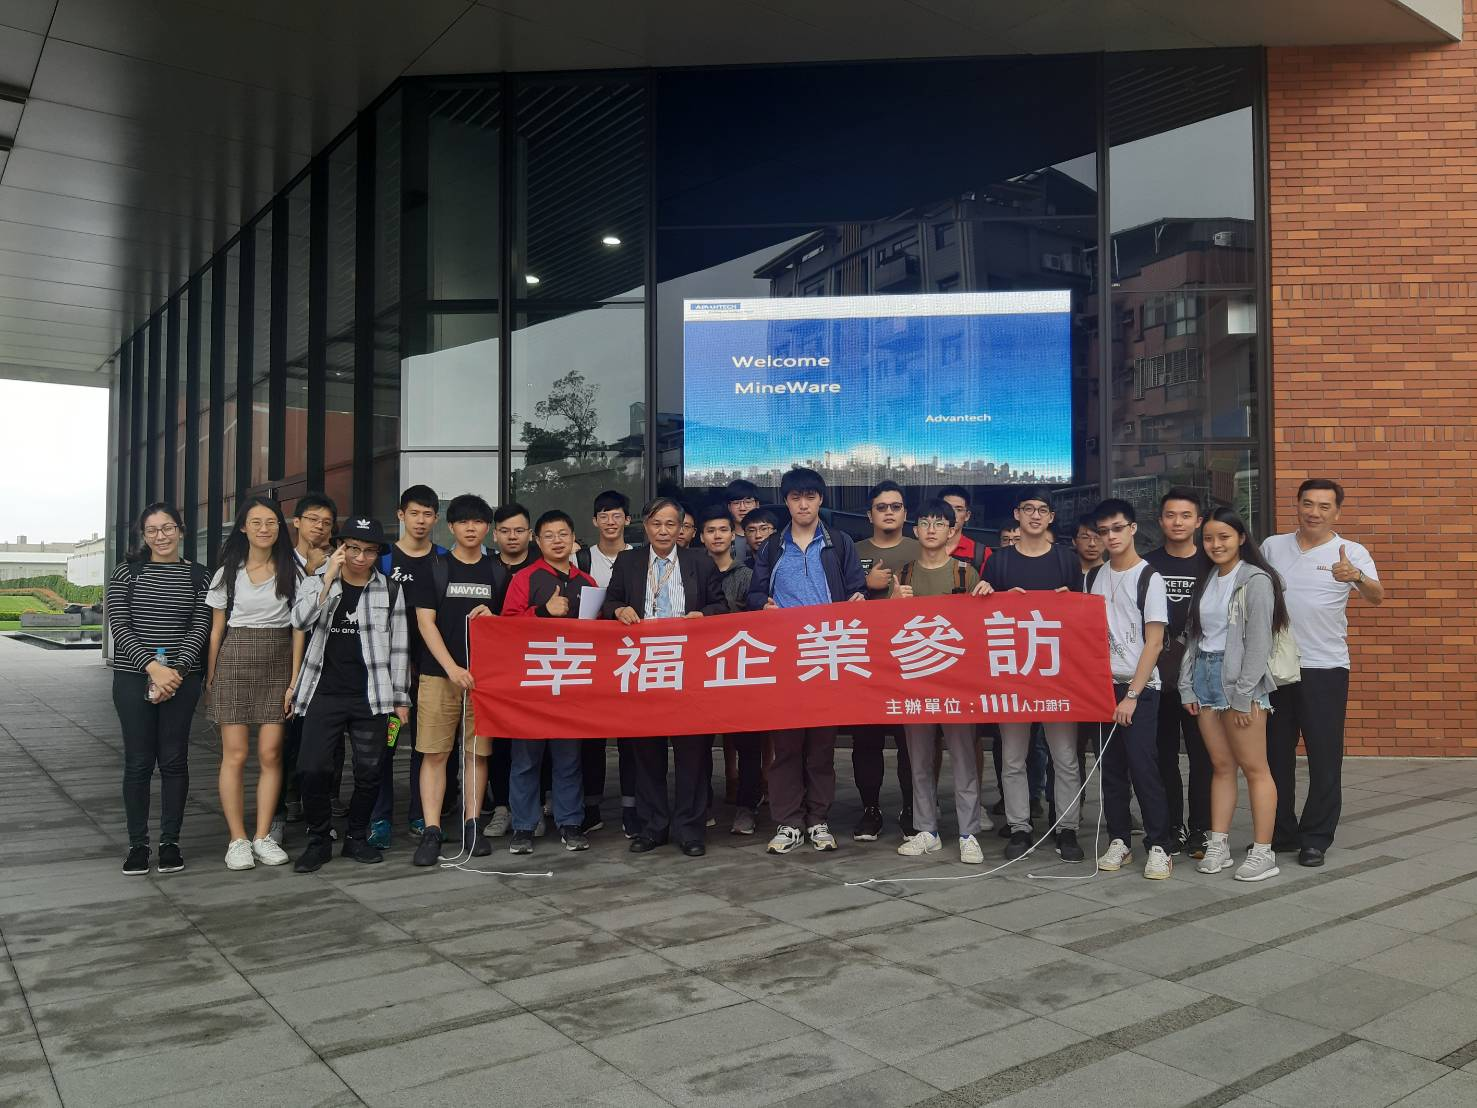 【企業參訪】研華科技林口智慧園區-2019幸福企業